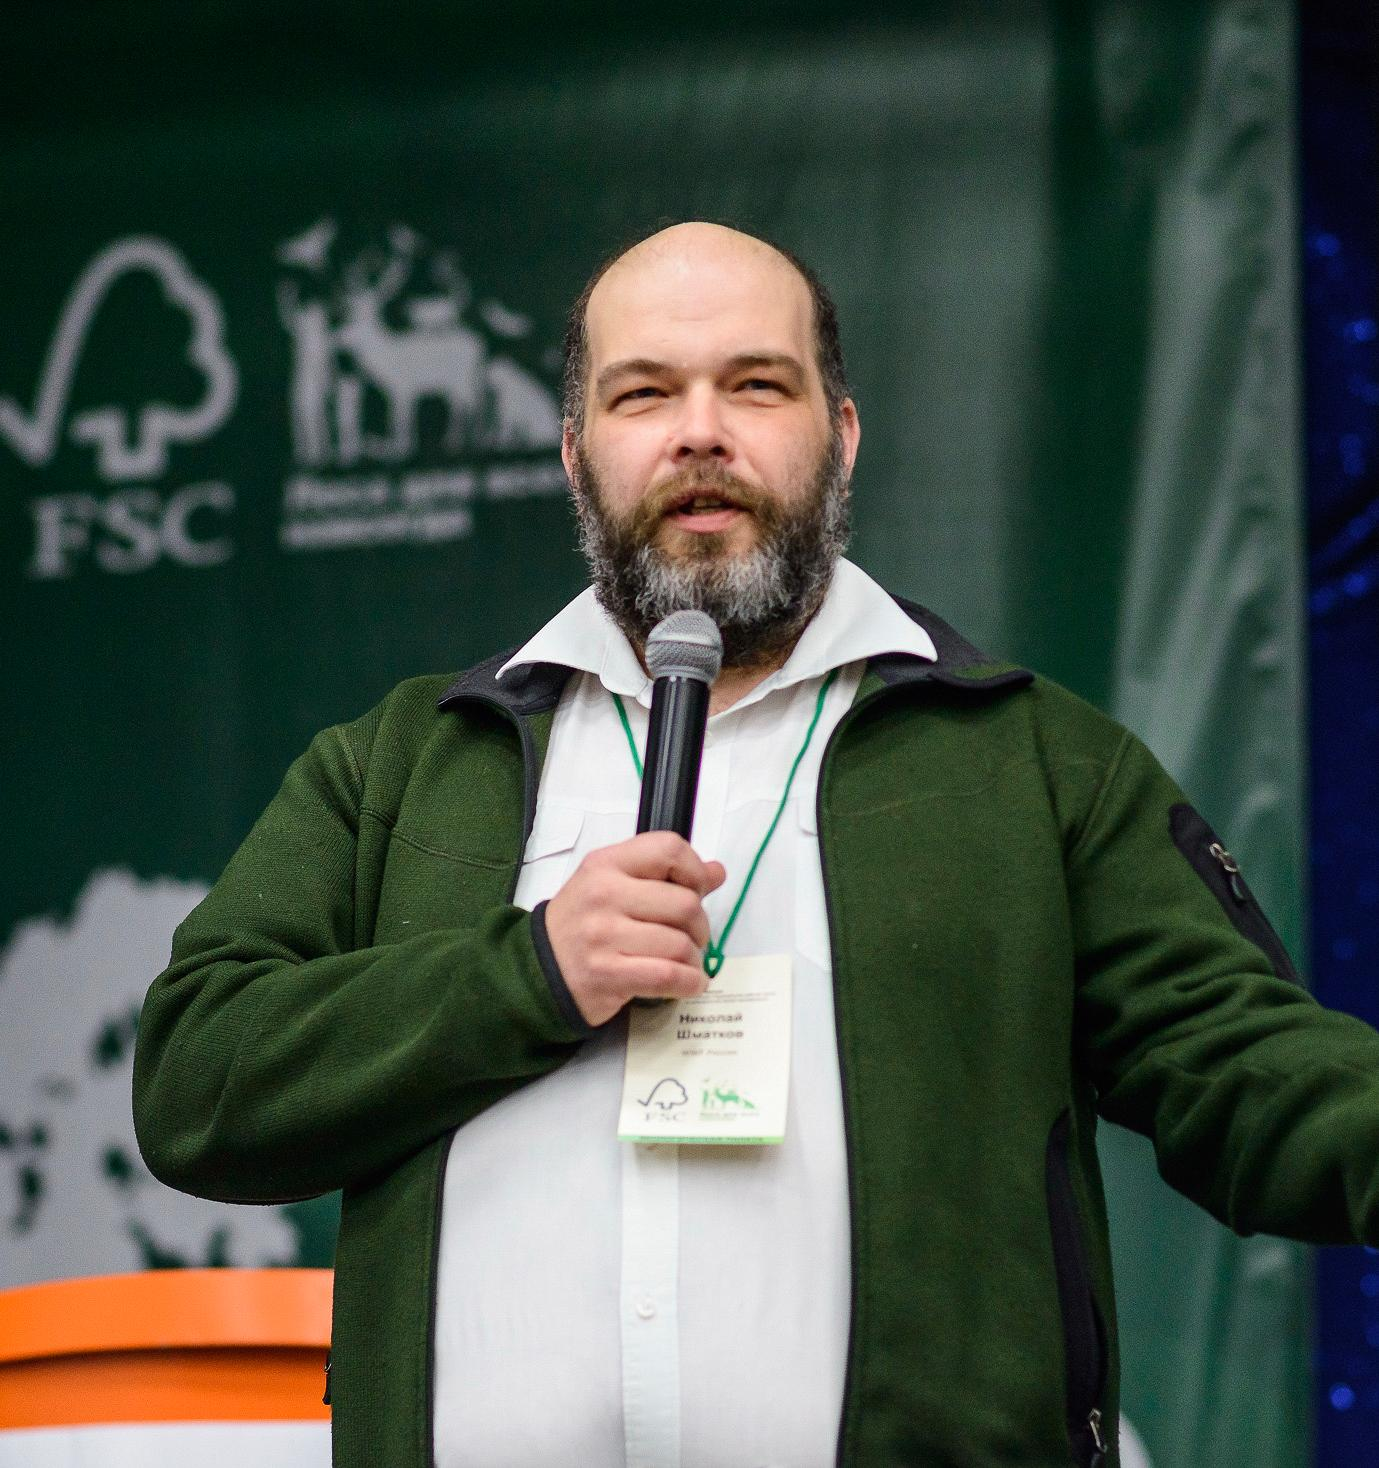 Новым директором FSC России избран Николай Шматков